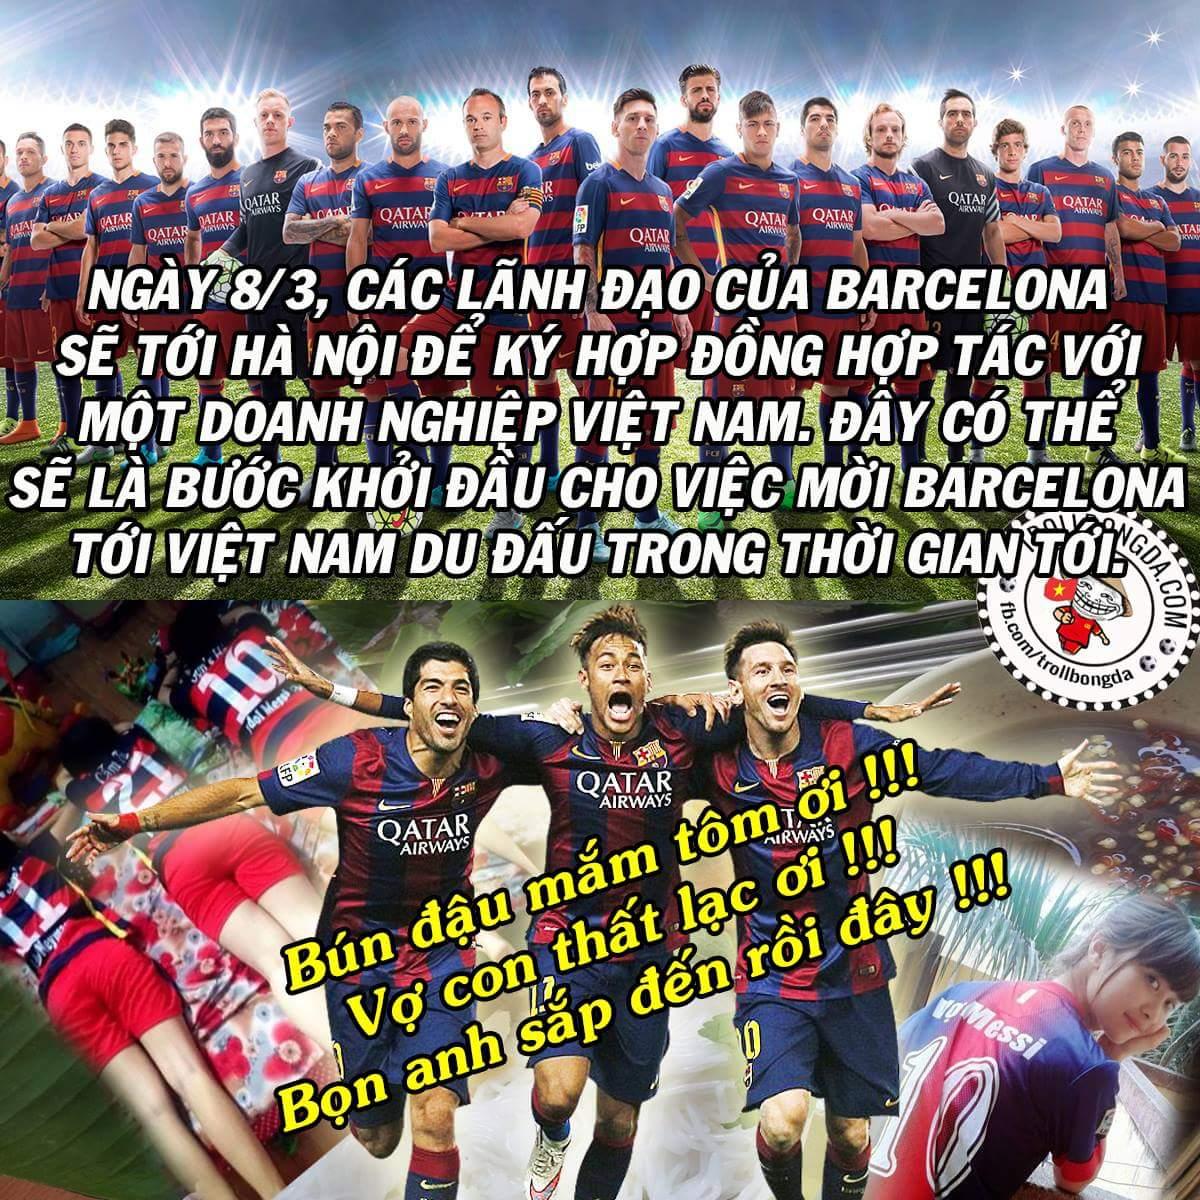 Giấc mơ sang Việt Nam của nhiều ngôi sao Barca sắp thành hiện thực. :v Các bạn có thấy sôi...